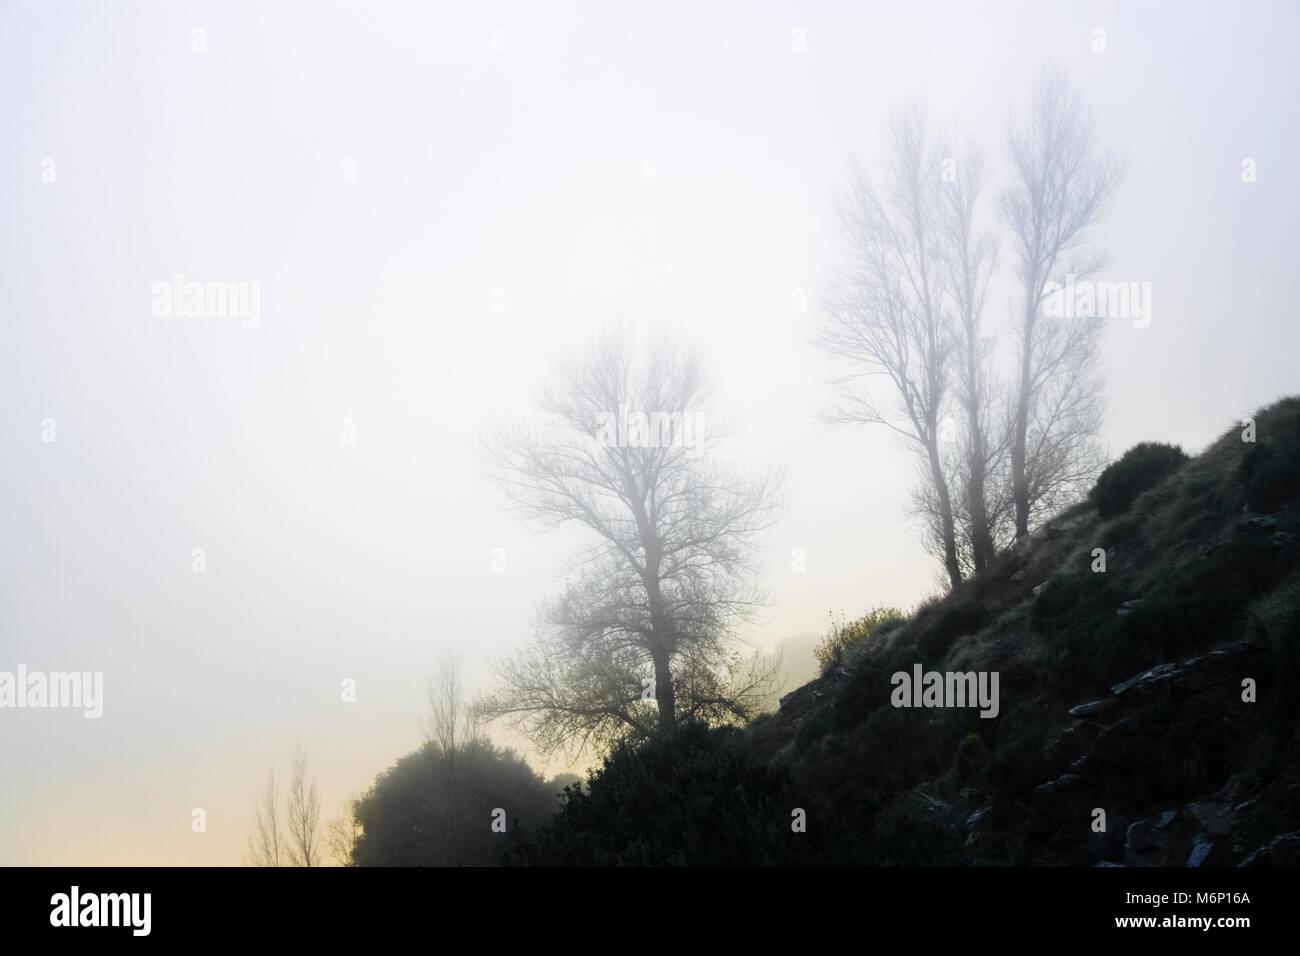 Las Alpujarras, Sierra Nevada, provincia de Granada, Andalucía, España : Los árboles en la niebla en O Sel Ling centro de retiros de meditación budista, afiliado Foto de stock